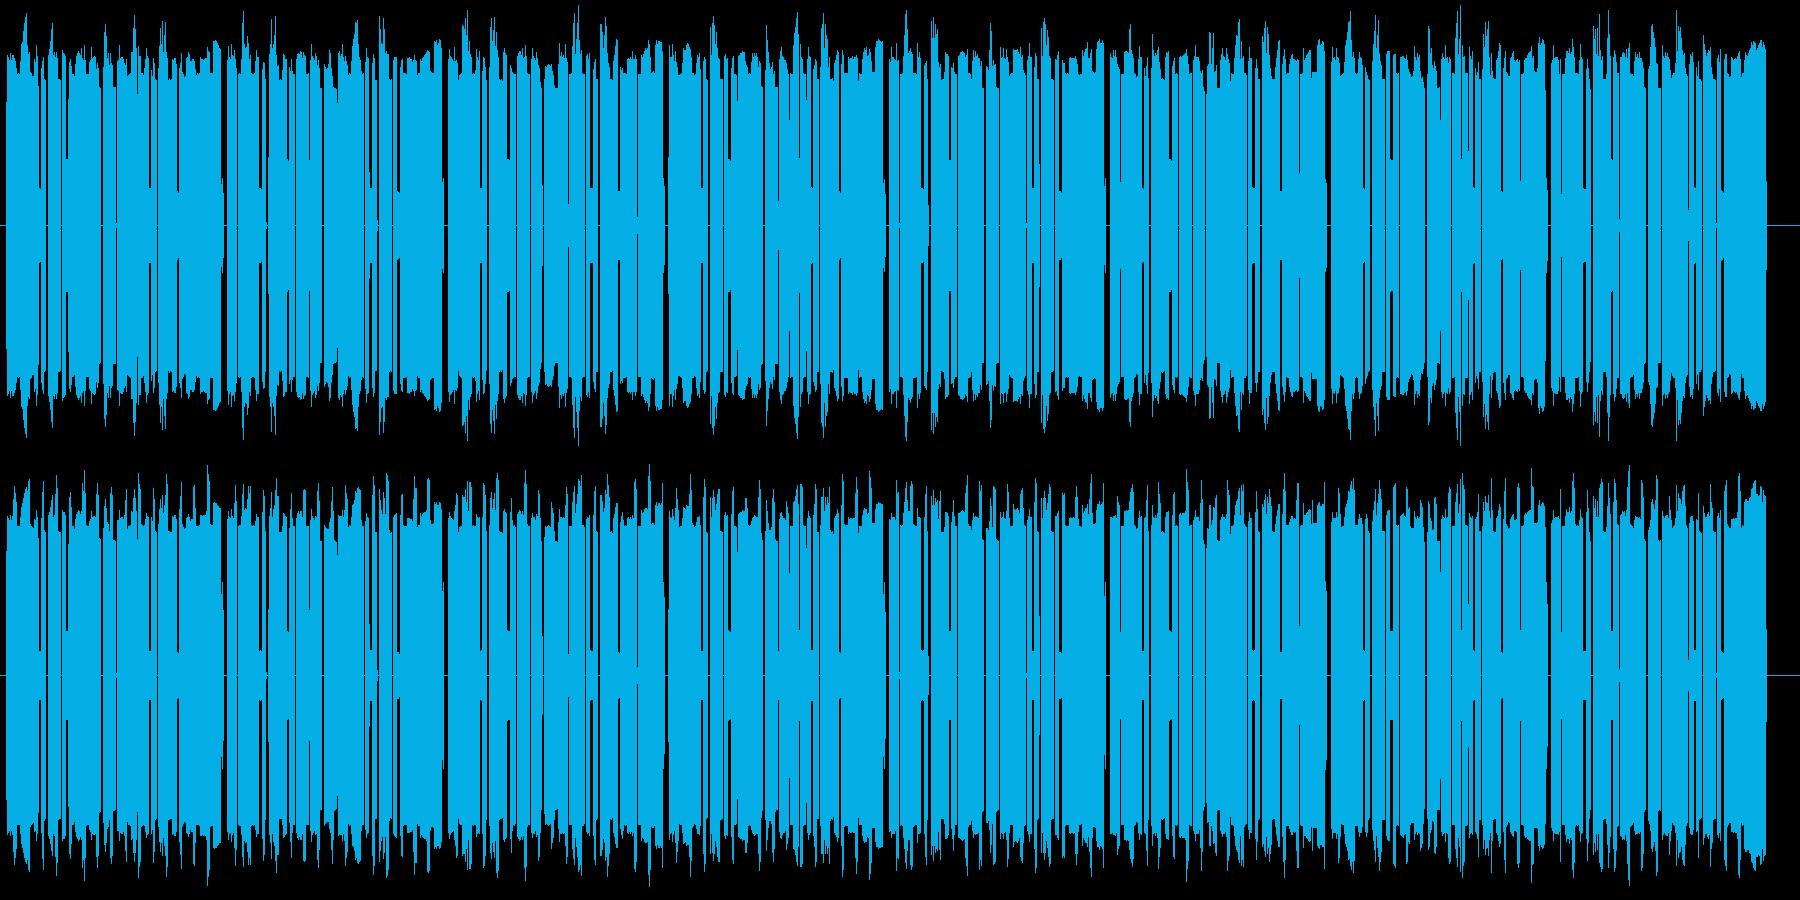 メリーさんの羊の8ビットバージョンの再生済みの波形